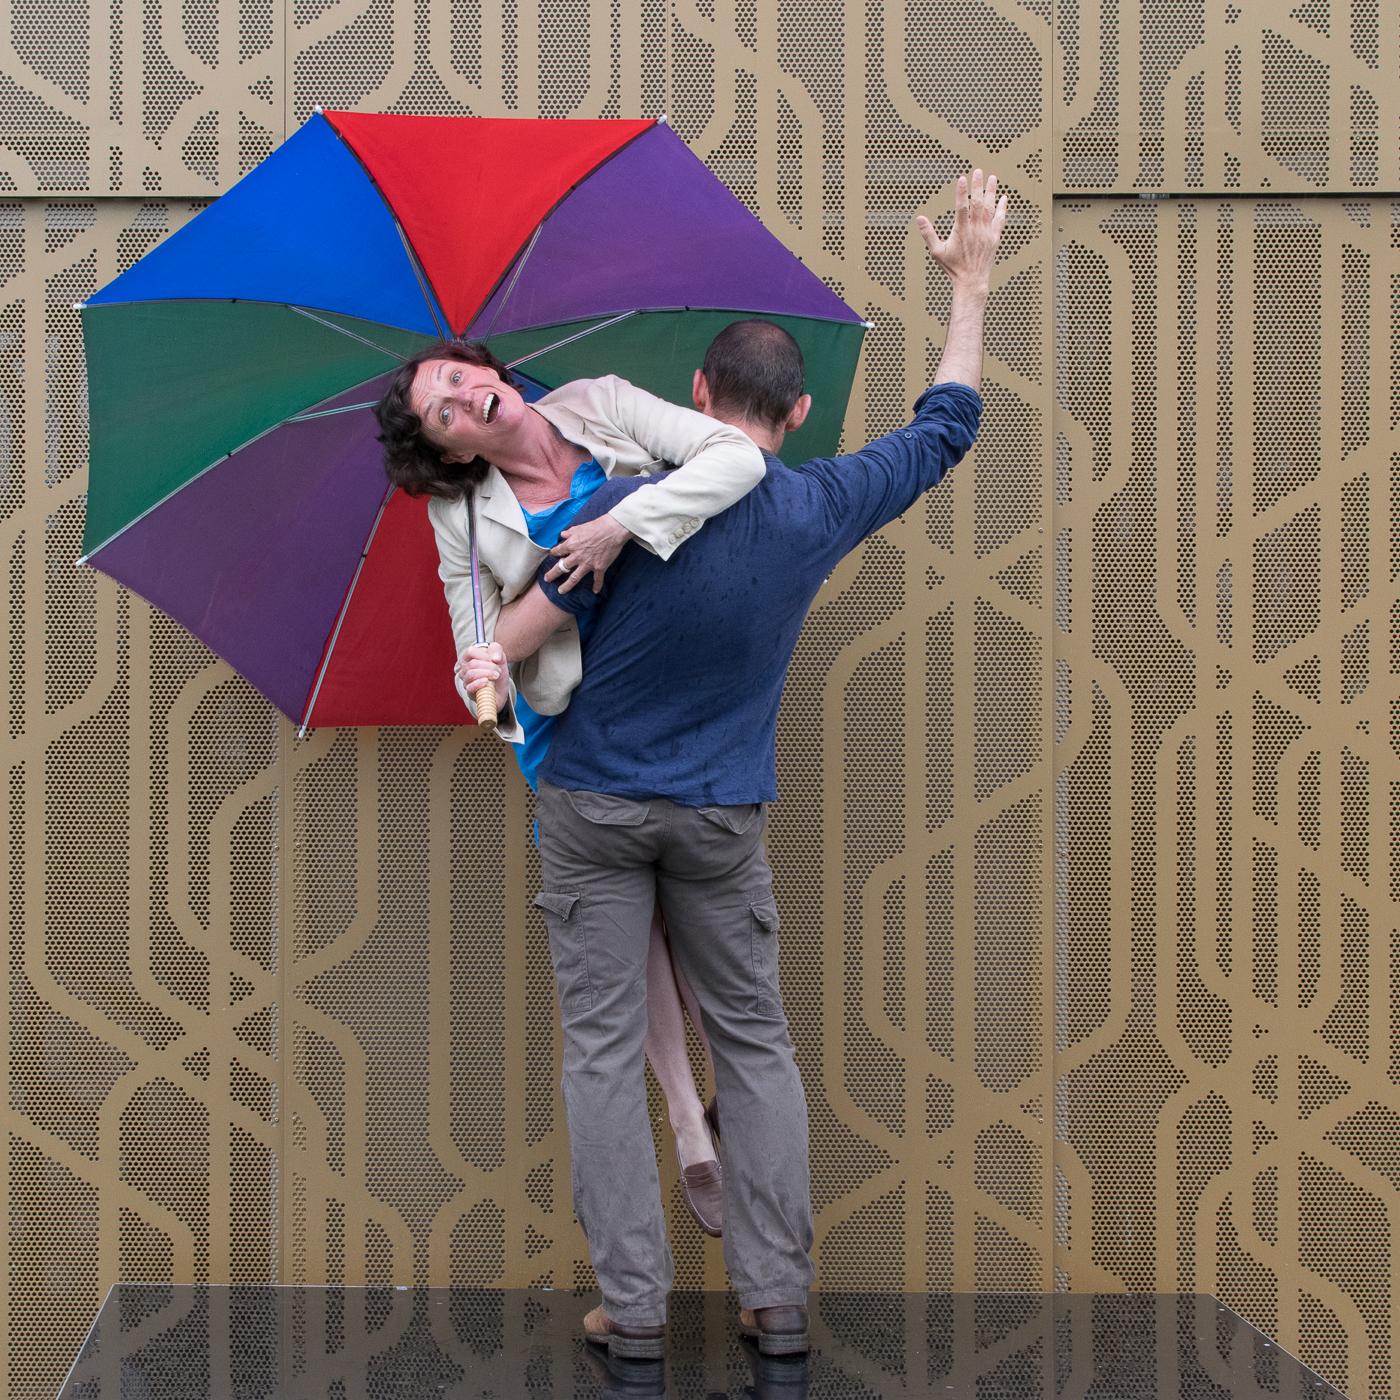 Parapluies_2016_-_Auréolée_de_couleurs